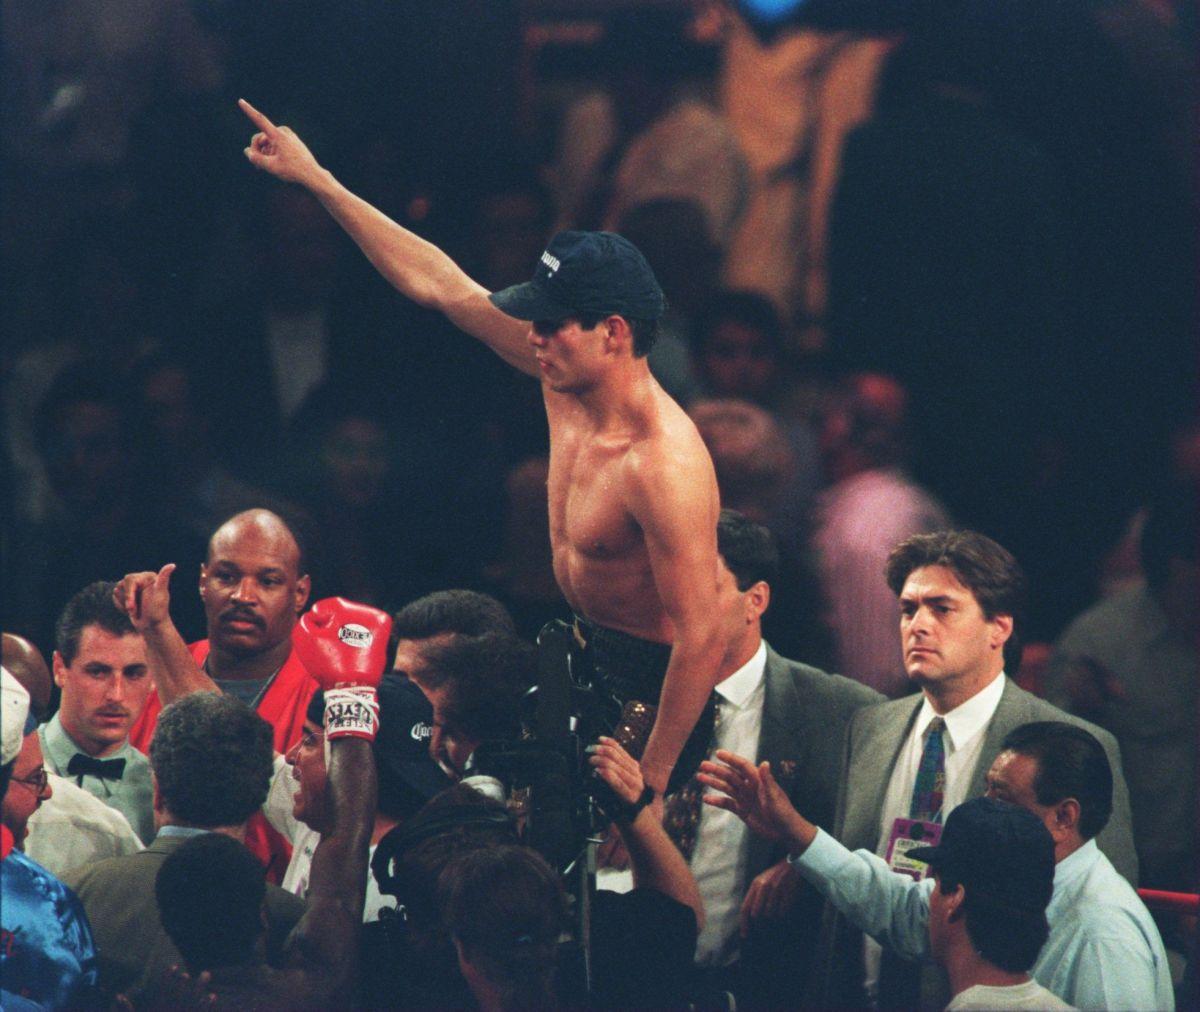 El exboxeador debe pasar por un proceso psicológico y médico en su rehabilitación para poder recibir visitas.